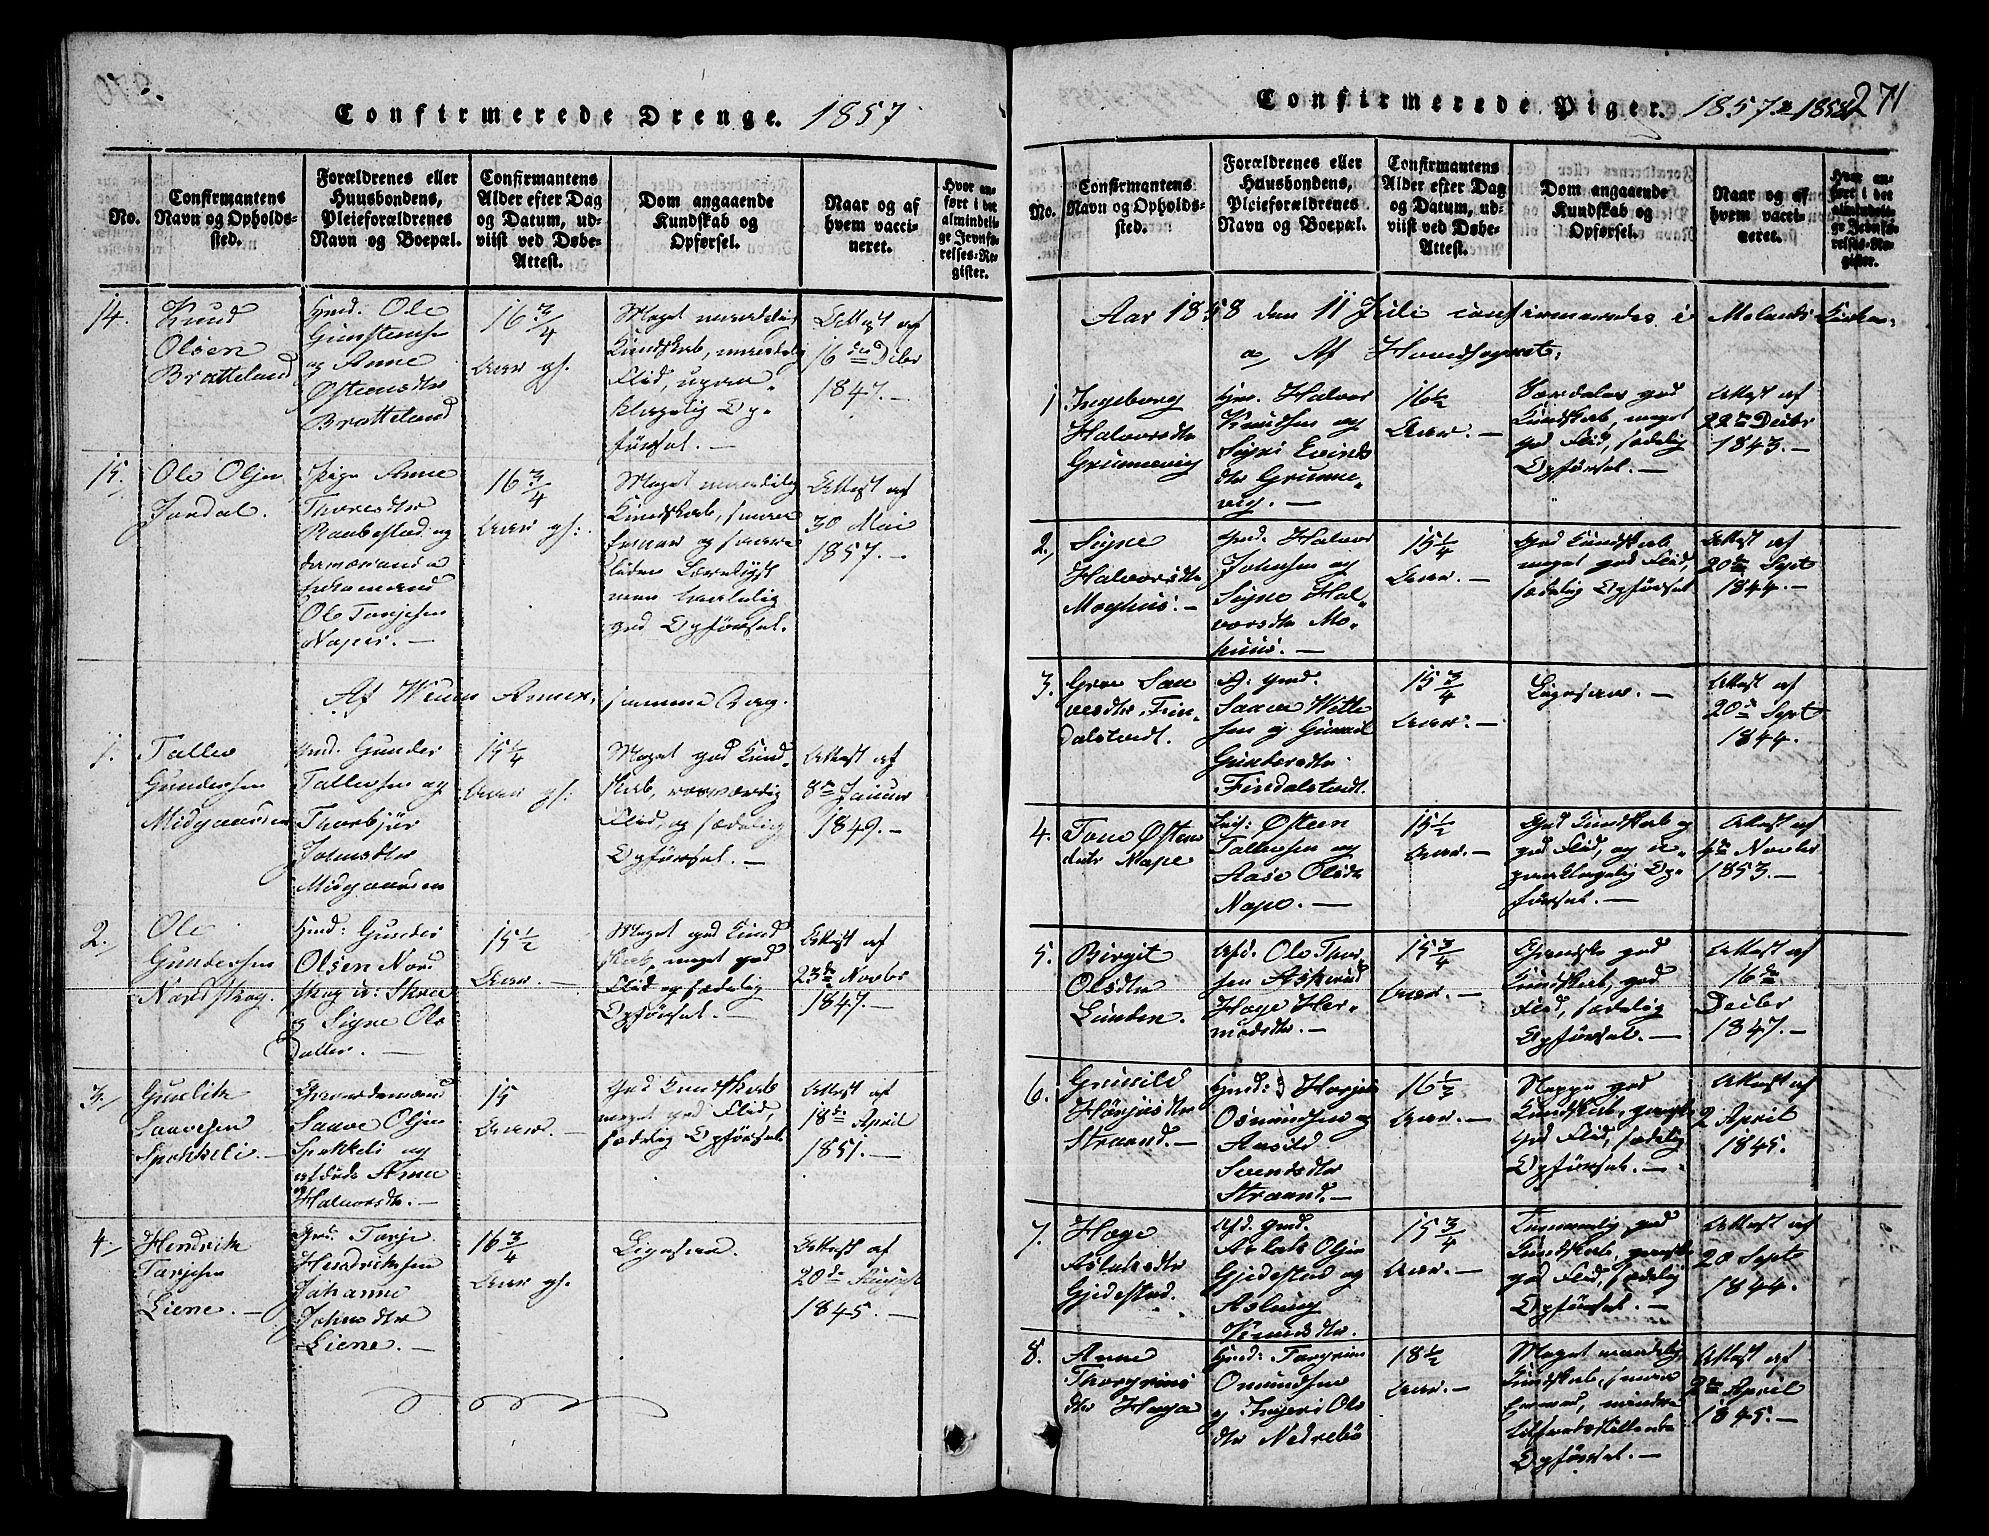 SAKO, Fyresdal kirkebøker, G/Ga/L0003: Klokkerbok nr. I 3, 1815-1863, s. 271